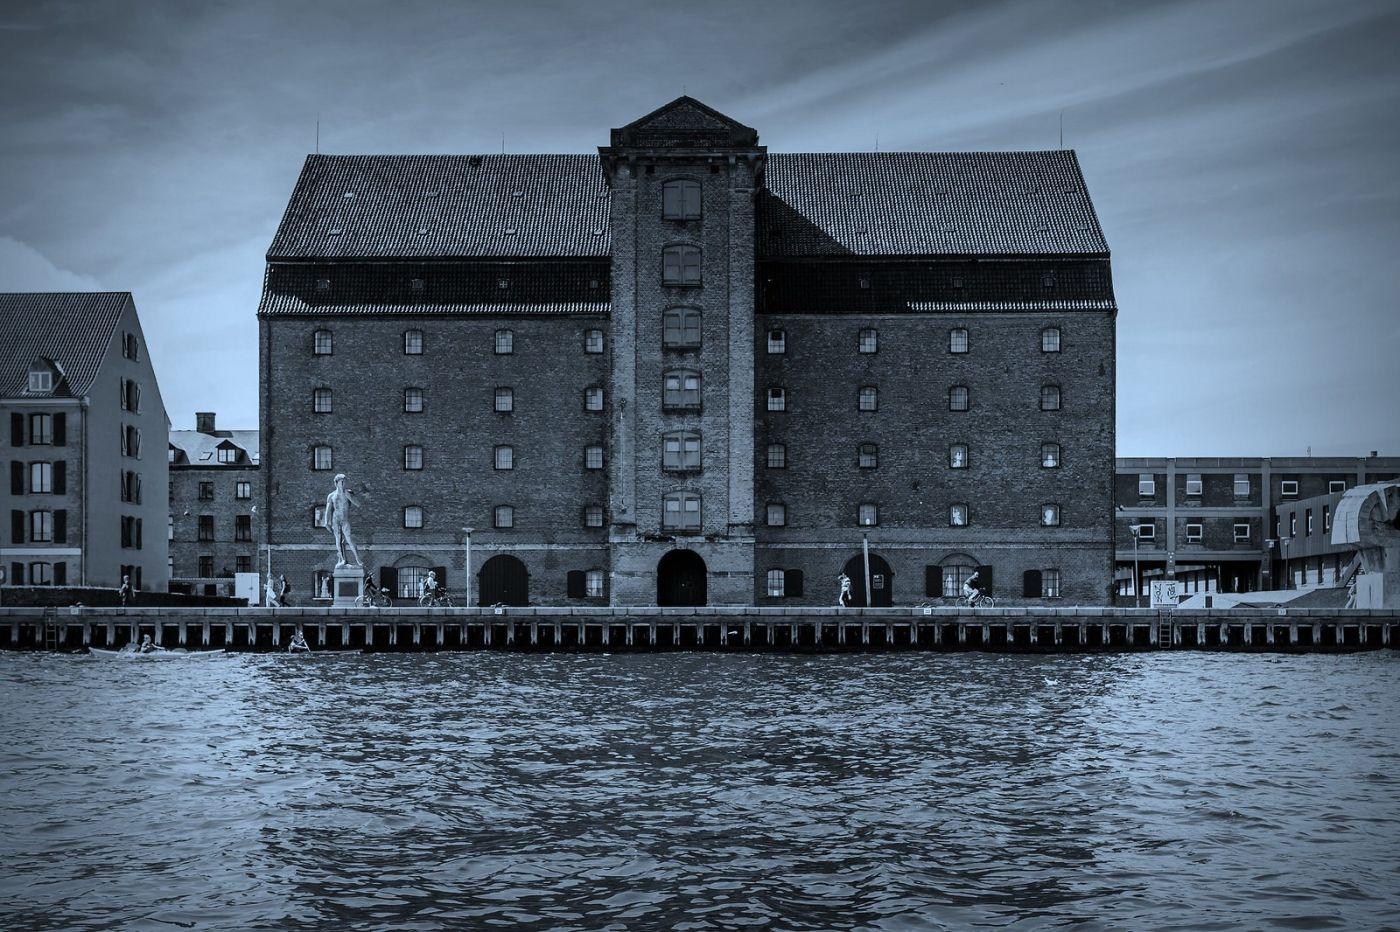 丹麦哥本哈根,坐船看市景_图1-38